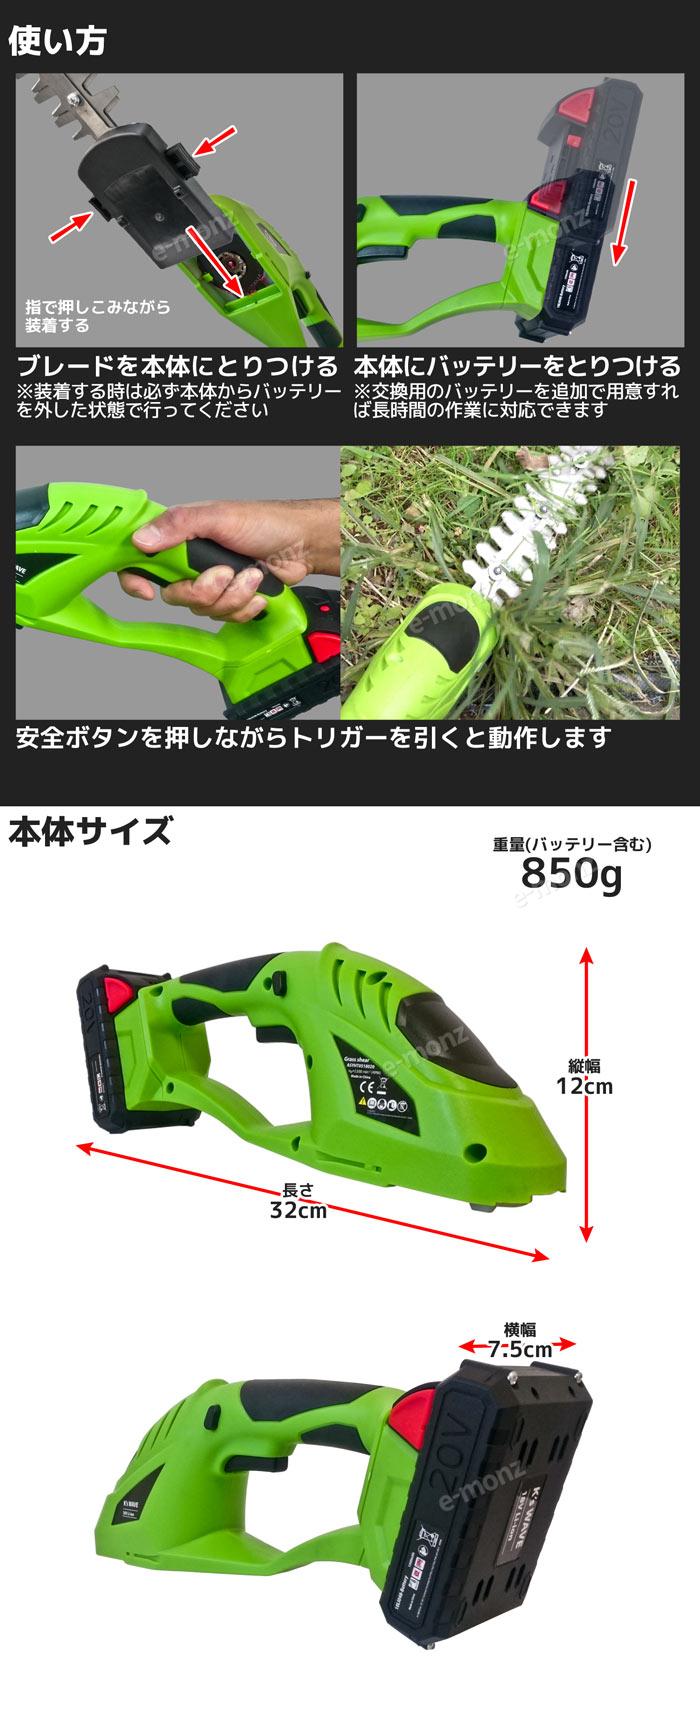 電動工具シリーズハンディ芝刈り機